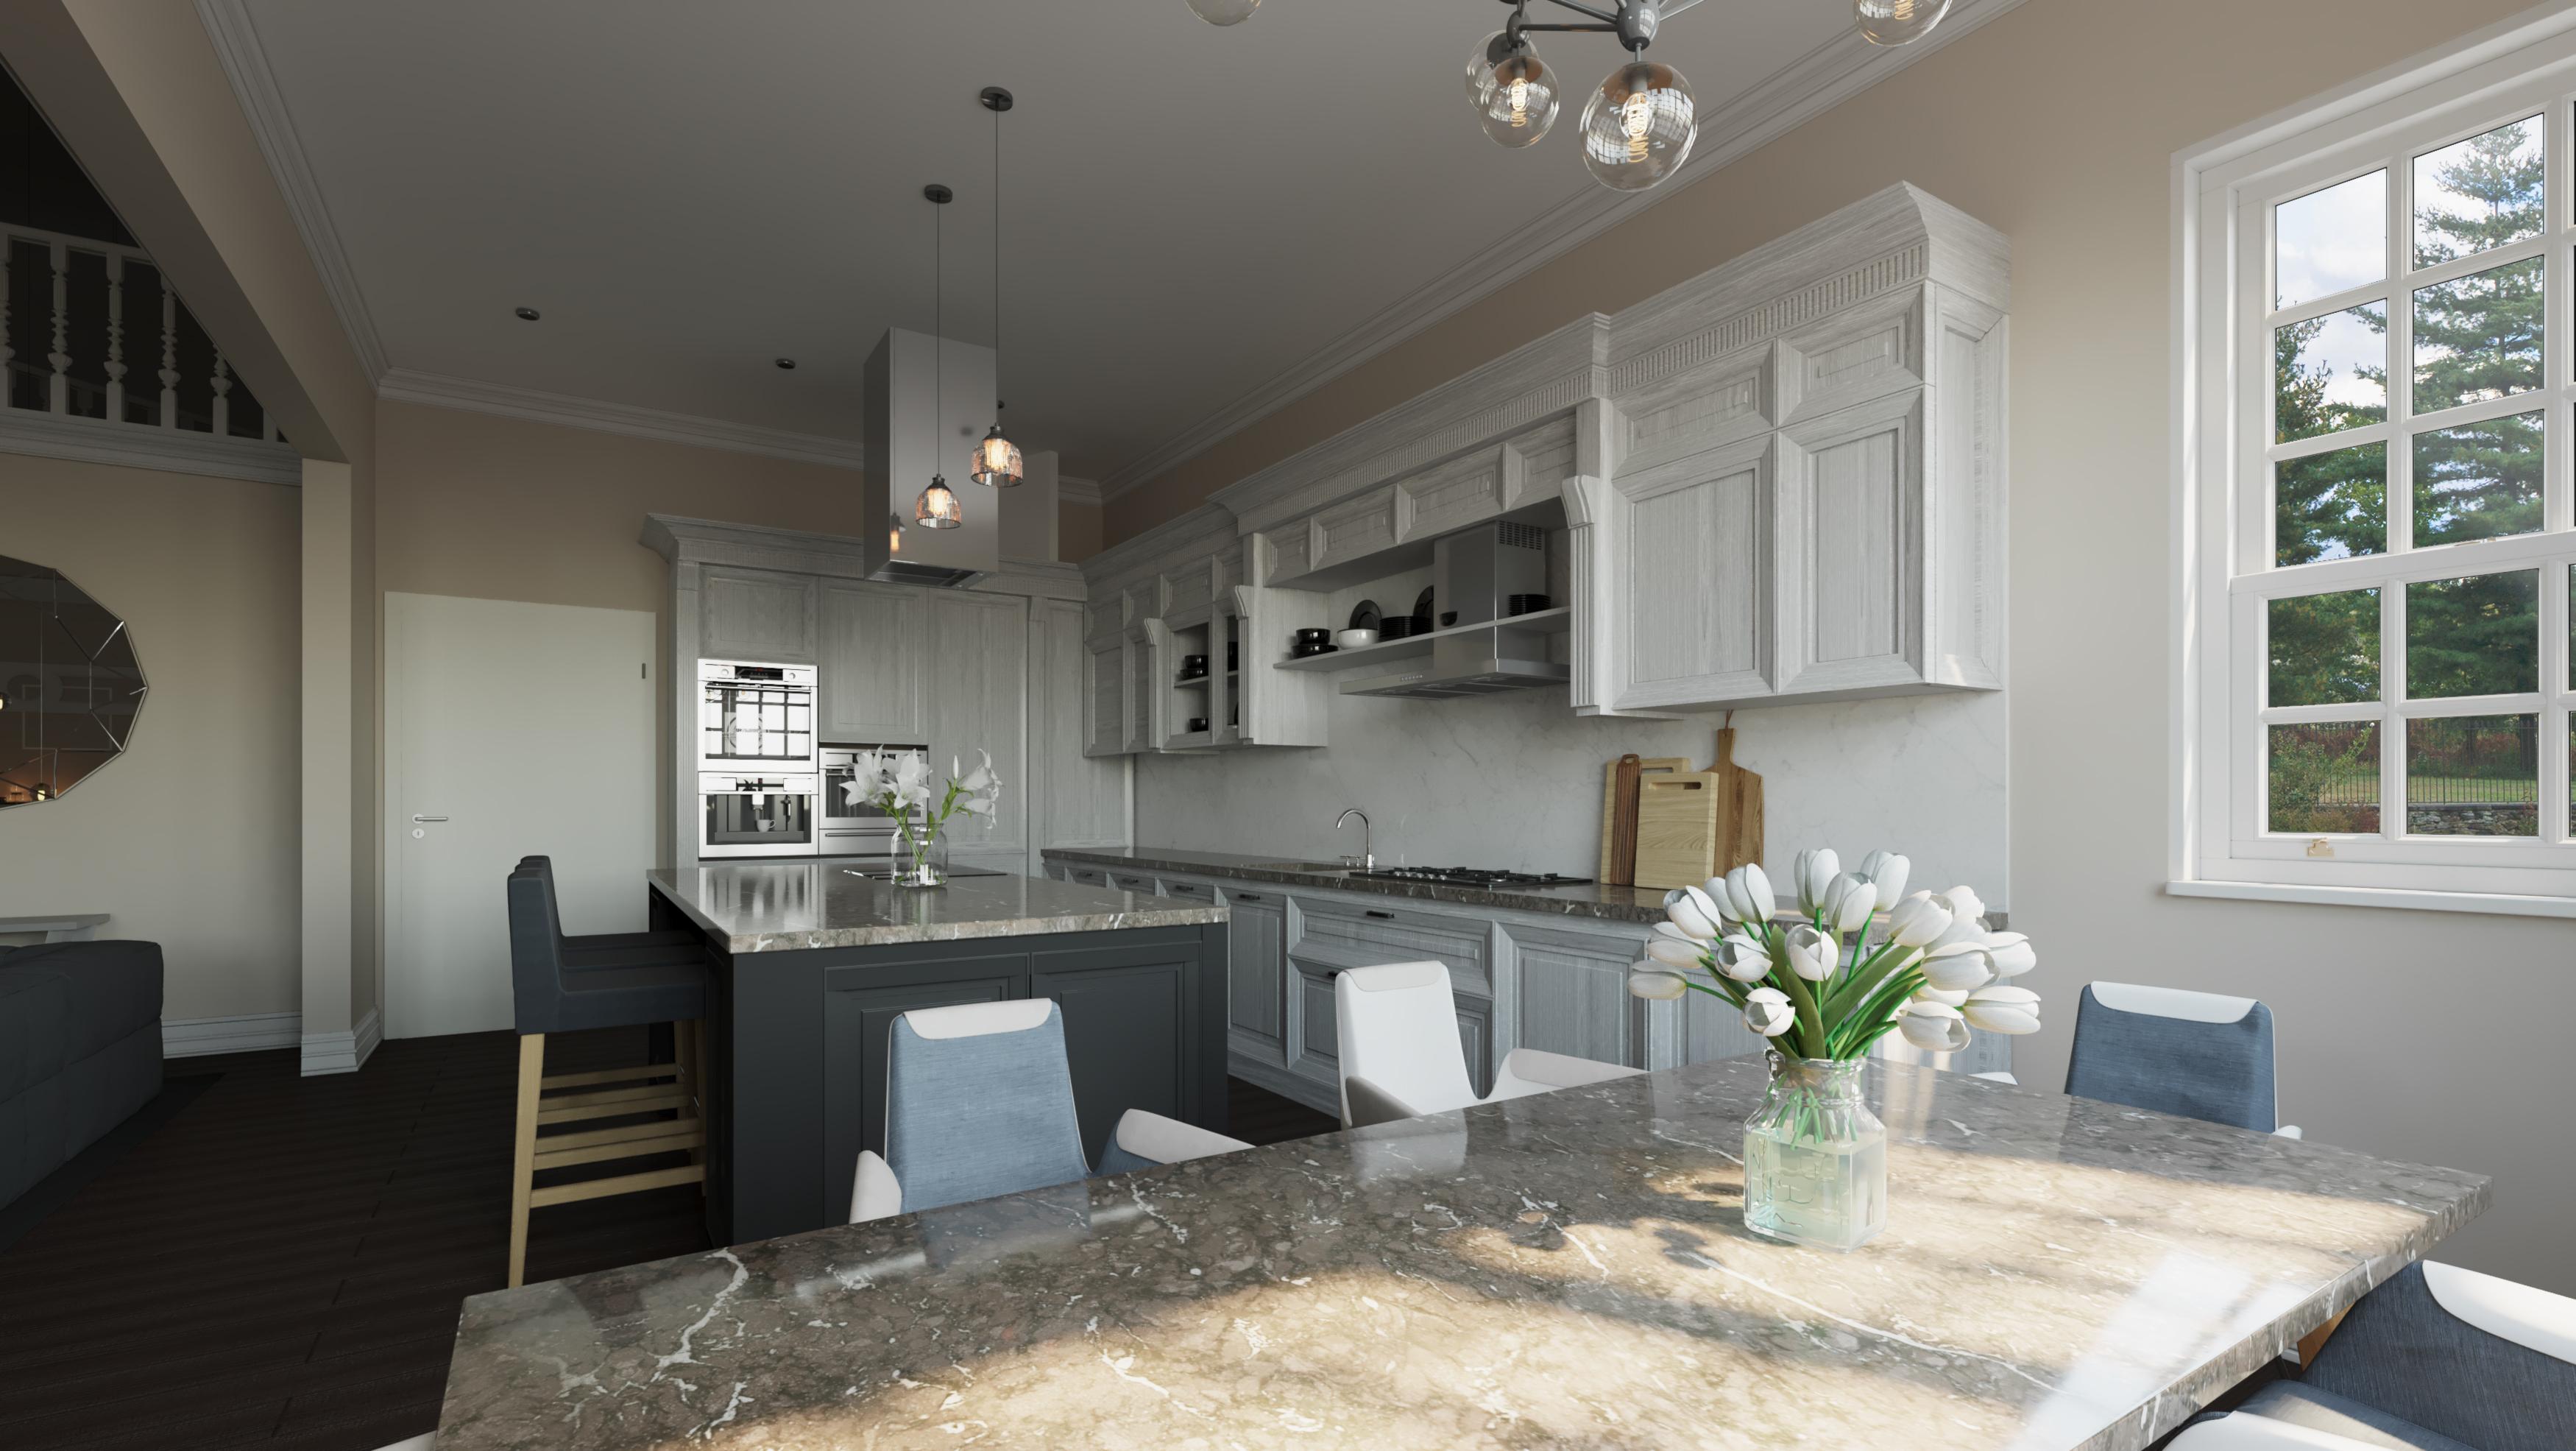 Wizualizacja wnętrz 3d - mieszkanie, kuchnia bez okien dachowych